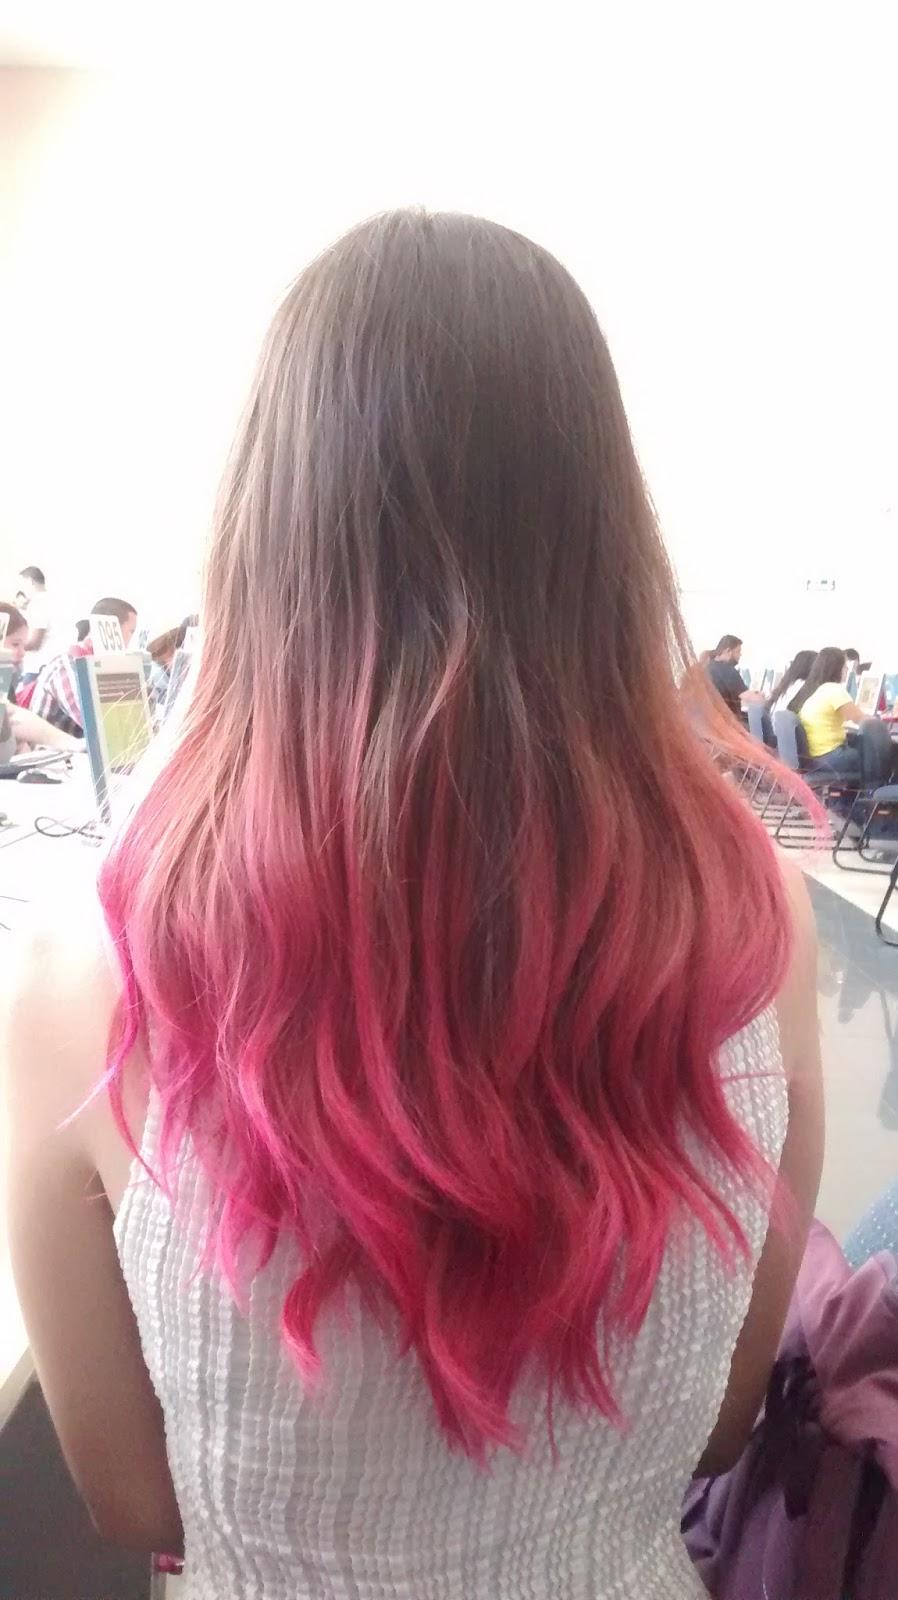 I believe in rosa life after pink la vida despu s del rosa - Fotos de rosas de colores ...